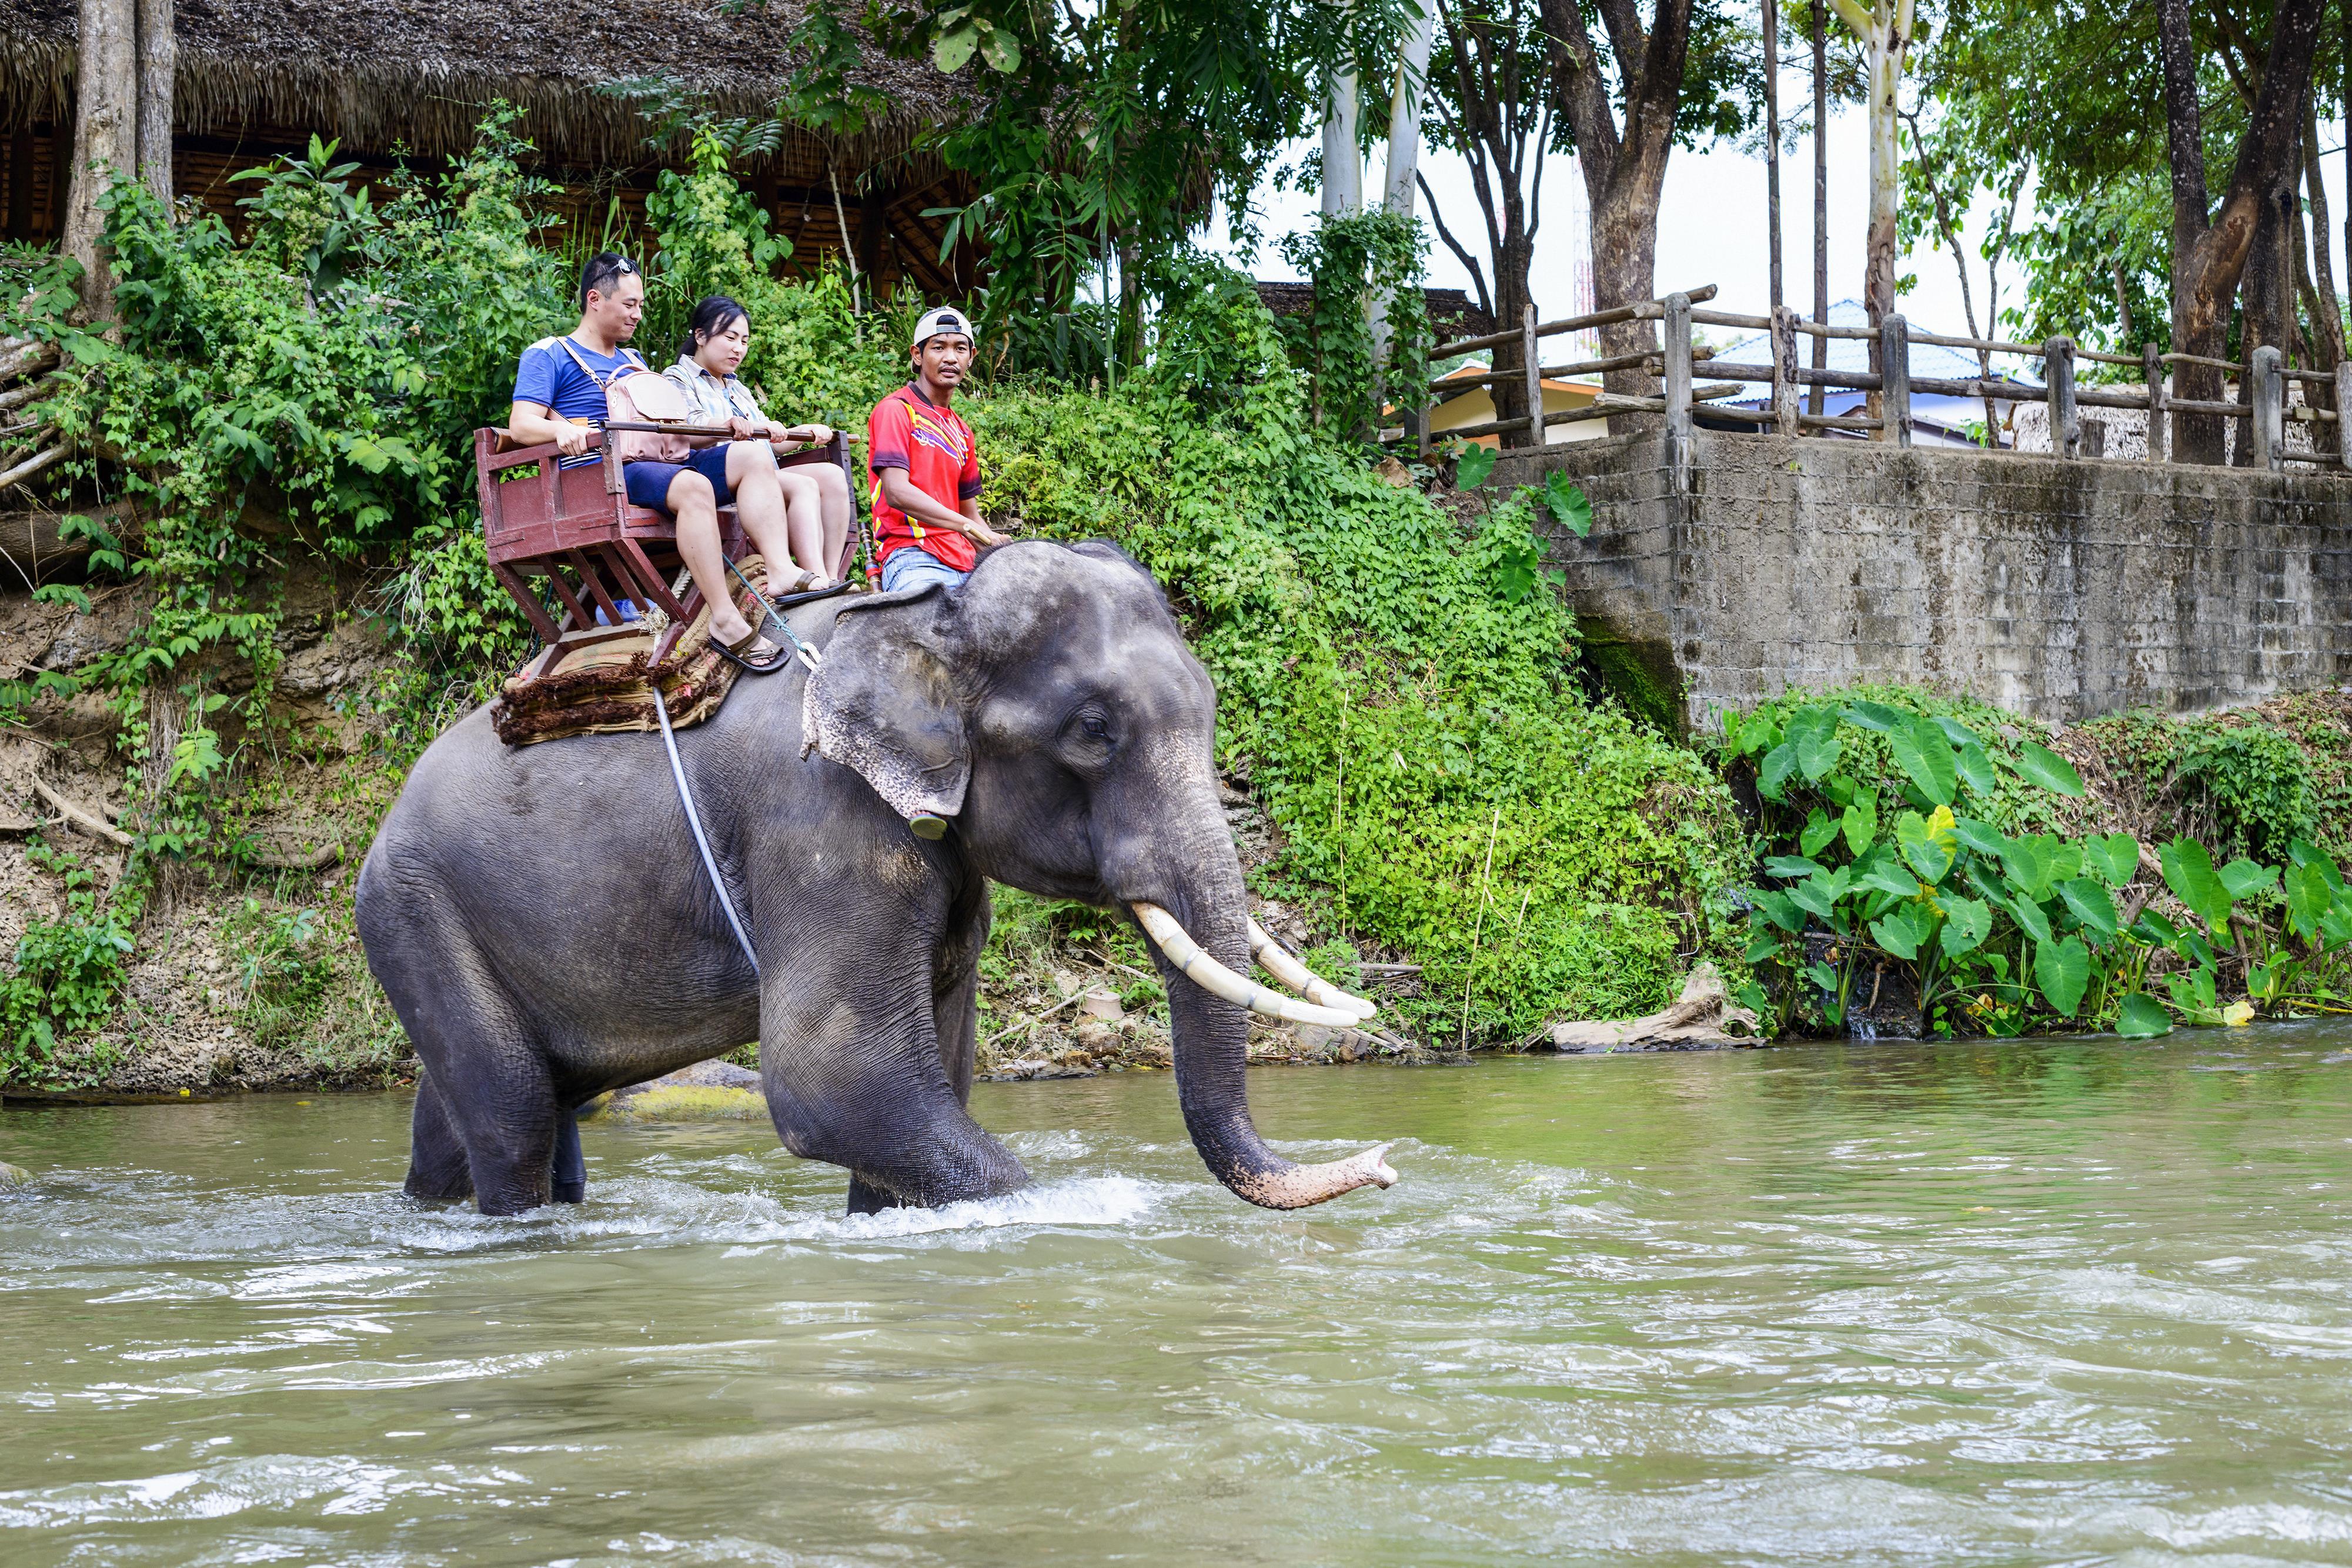 Kivégzés elefánt által - Execution by elephant - zuii.hu